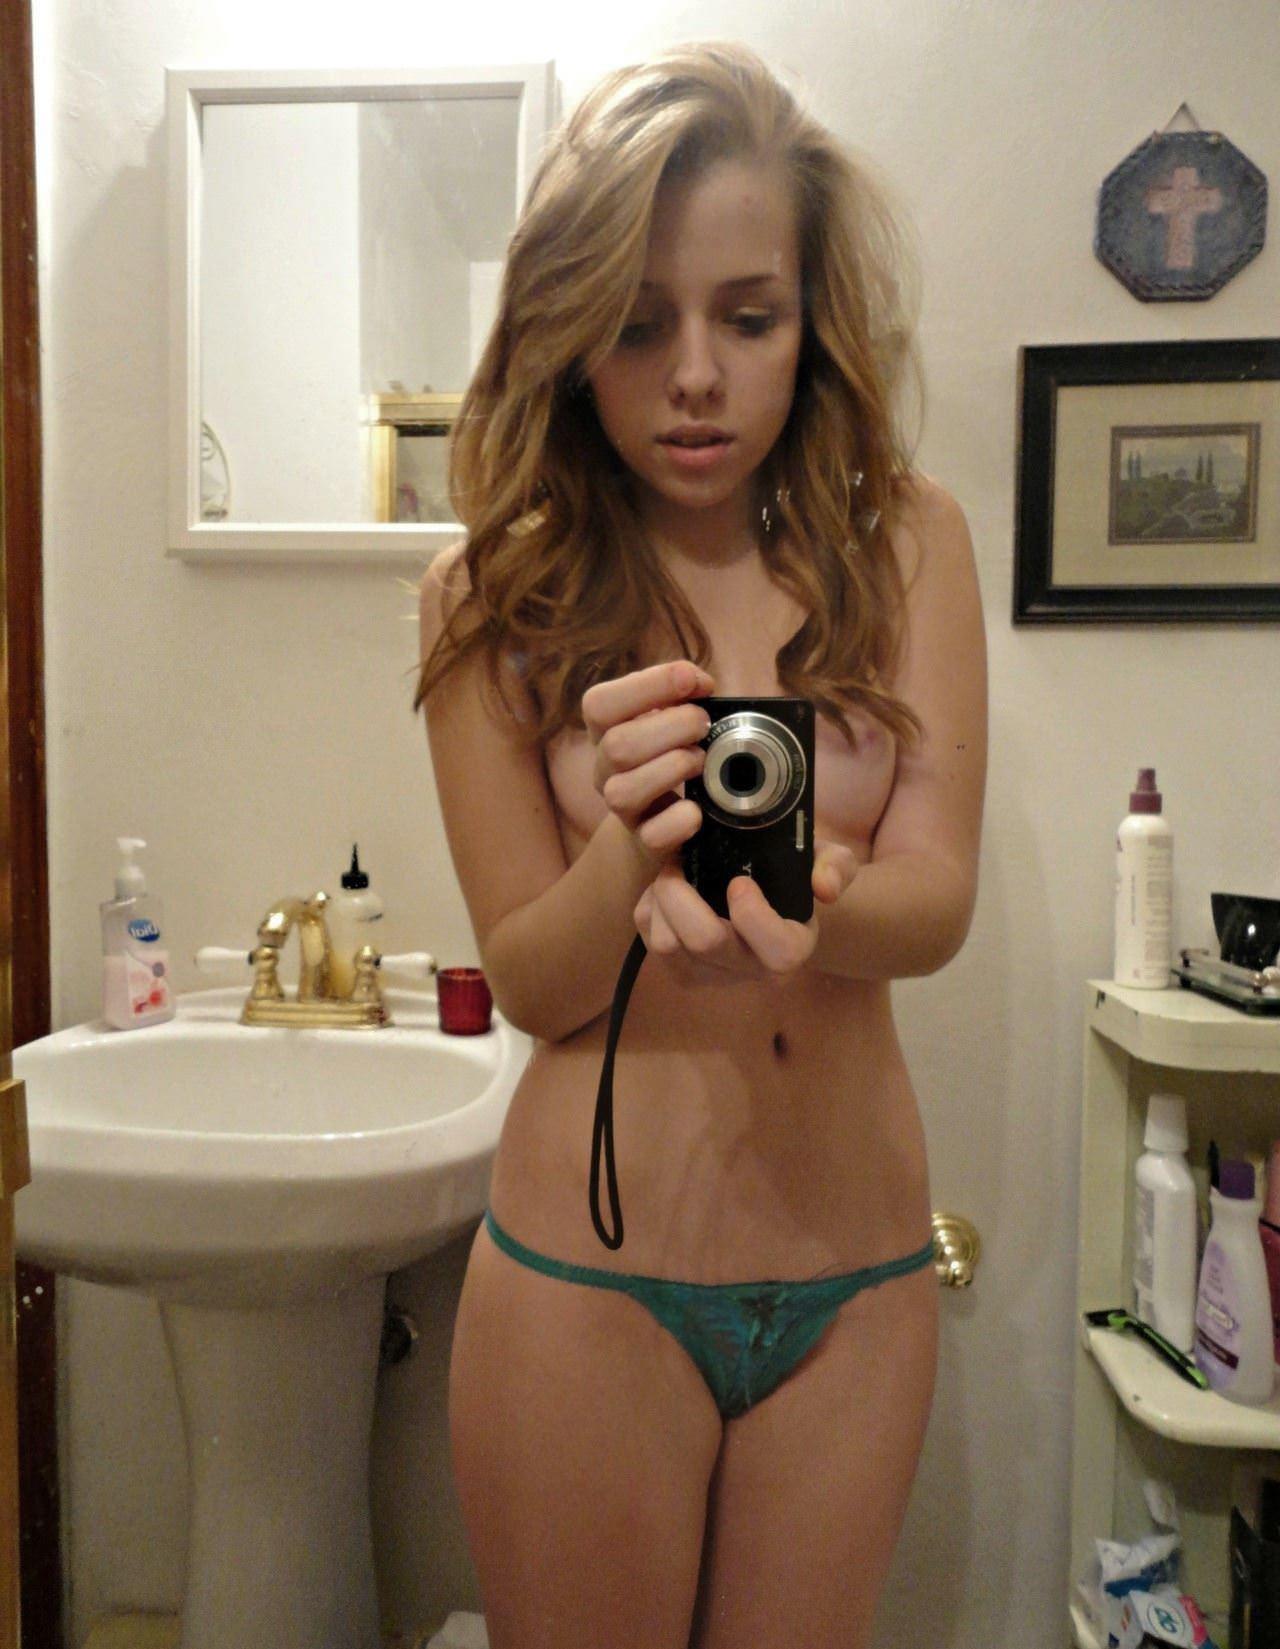 【外人】急に大人の体つきになった美少女たちの自画撮りポルノ画像 3536